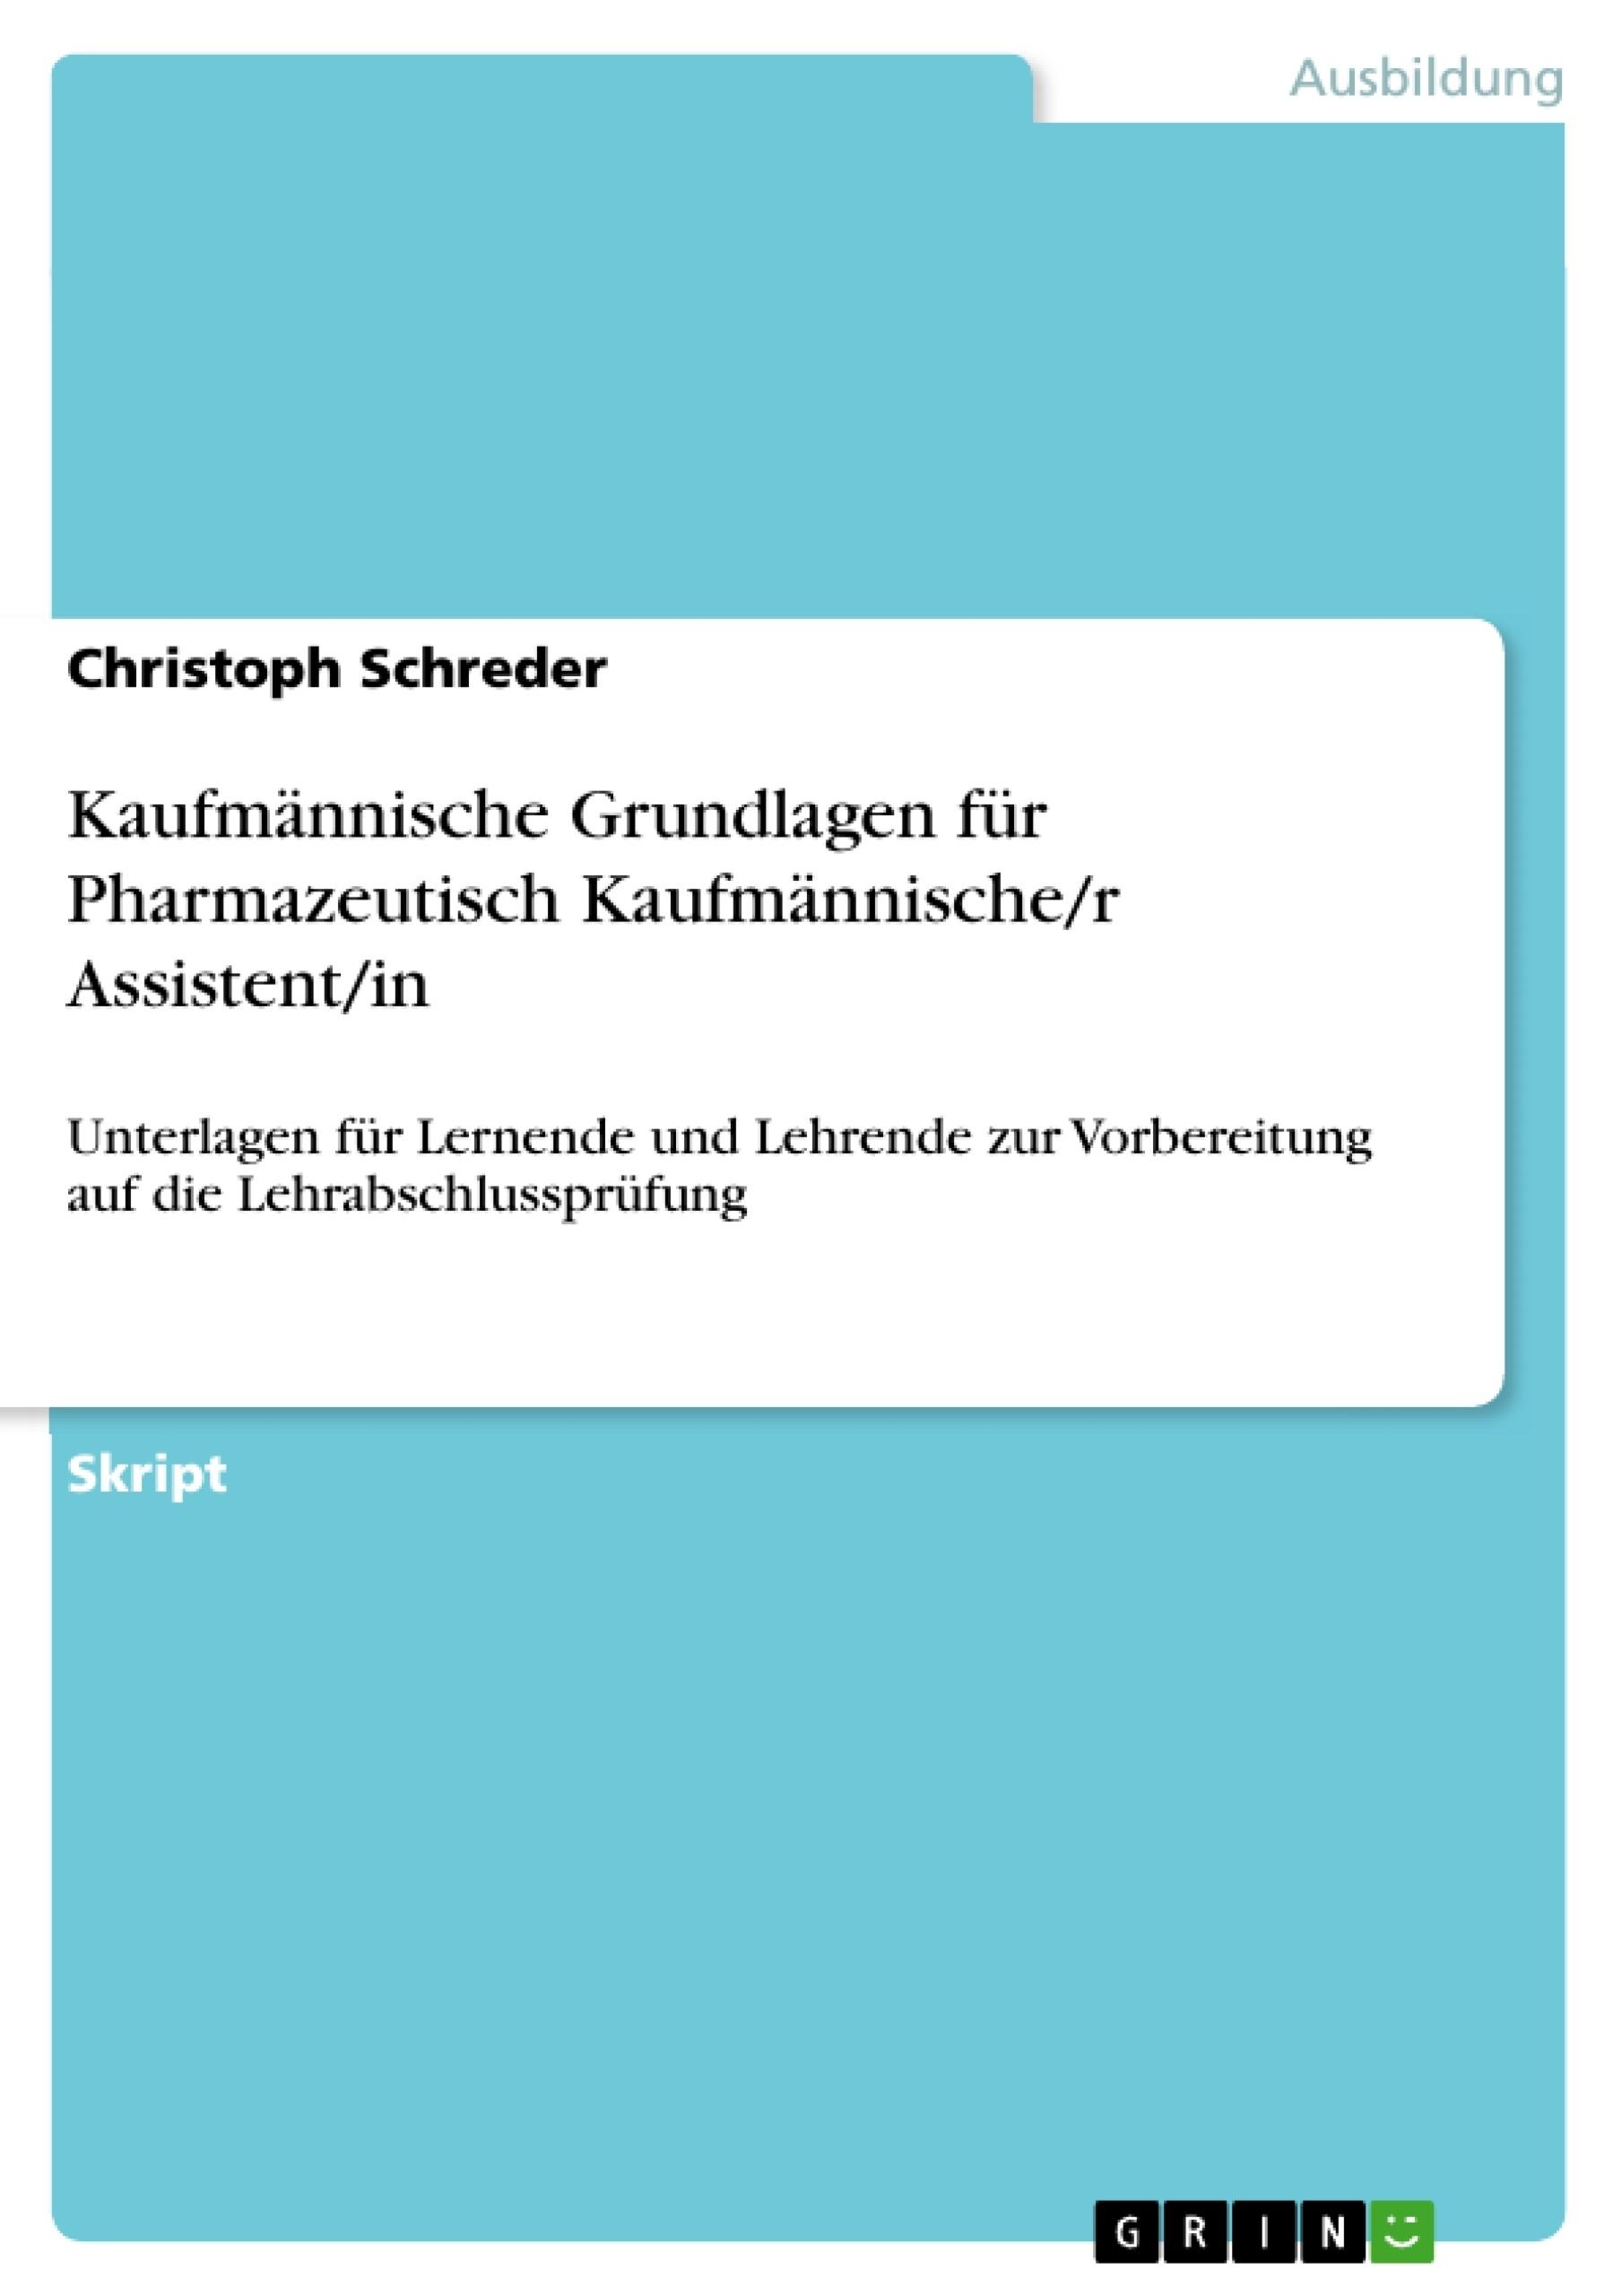 Titel: Kaufmännische Grundlagen für Pharmazeutisch Kaufmännische/r Assistent/in